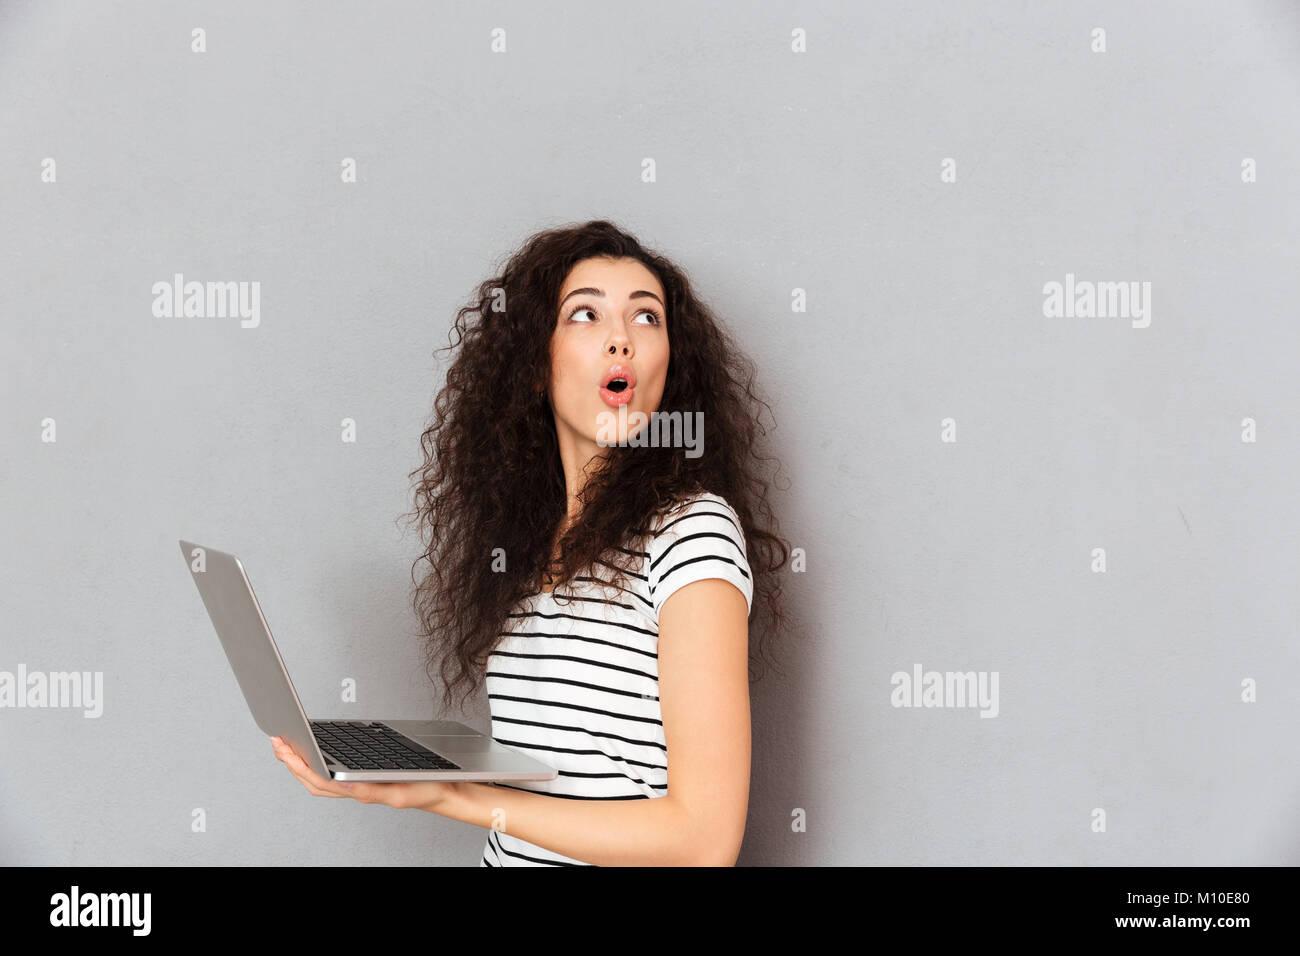 Hermosa dama con el cabello rizado posando con plata portátil estar aislado sobre fondo gris gira alrededor, Imagen De Stock